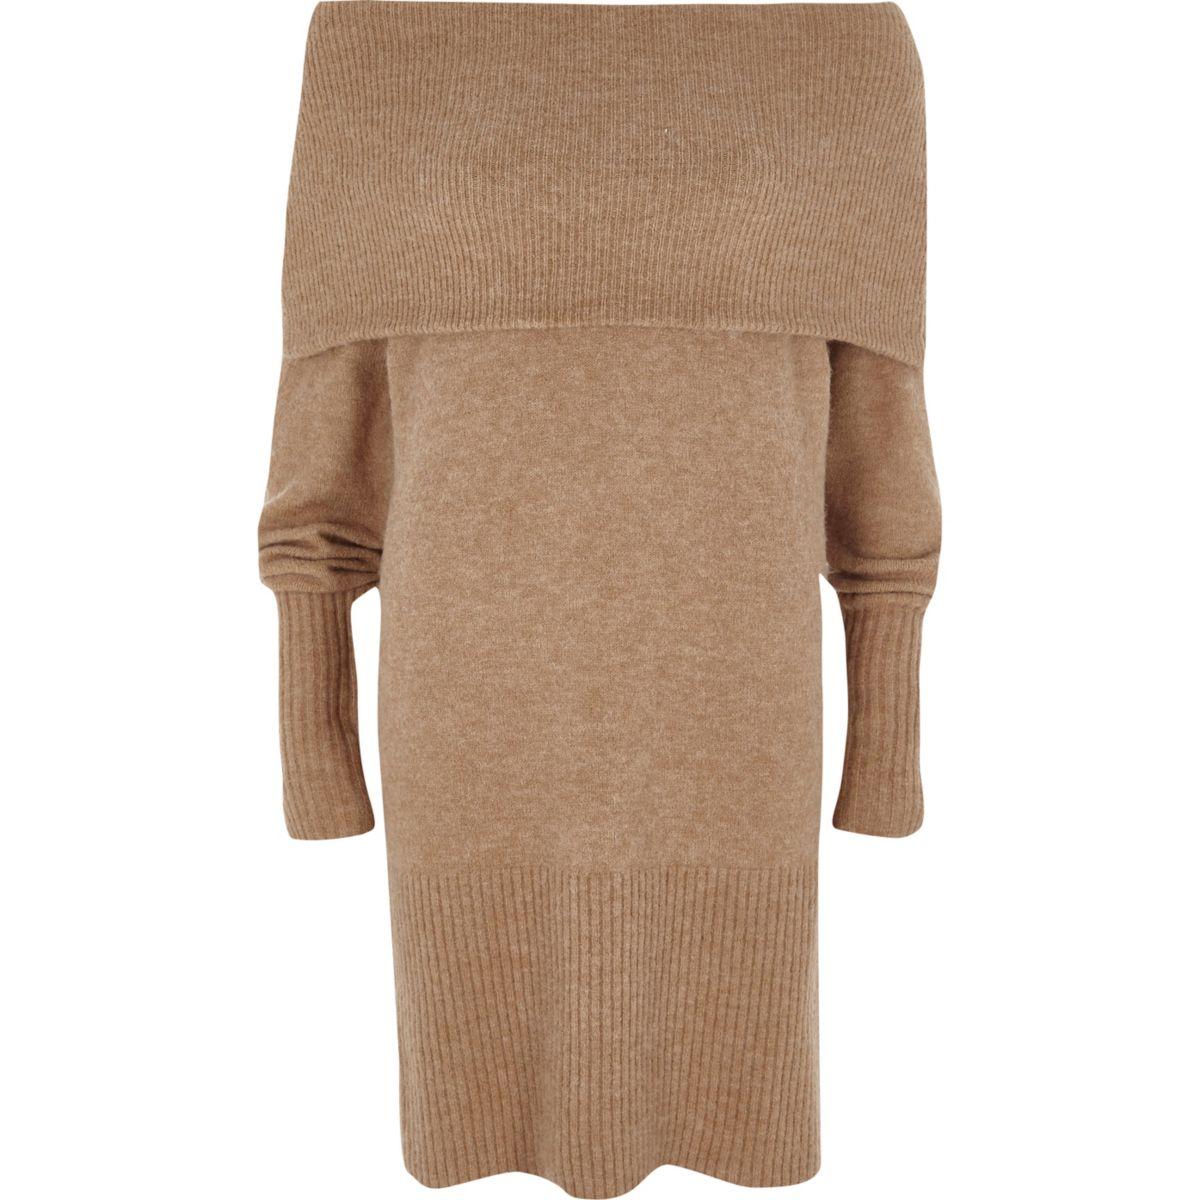 Beige foldover bardot sweater dress